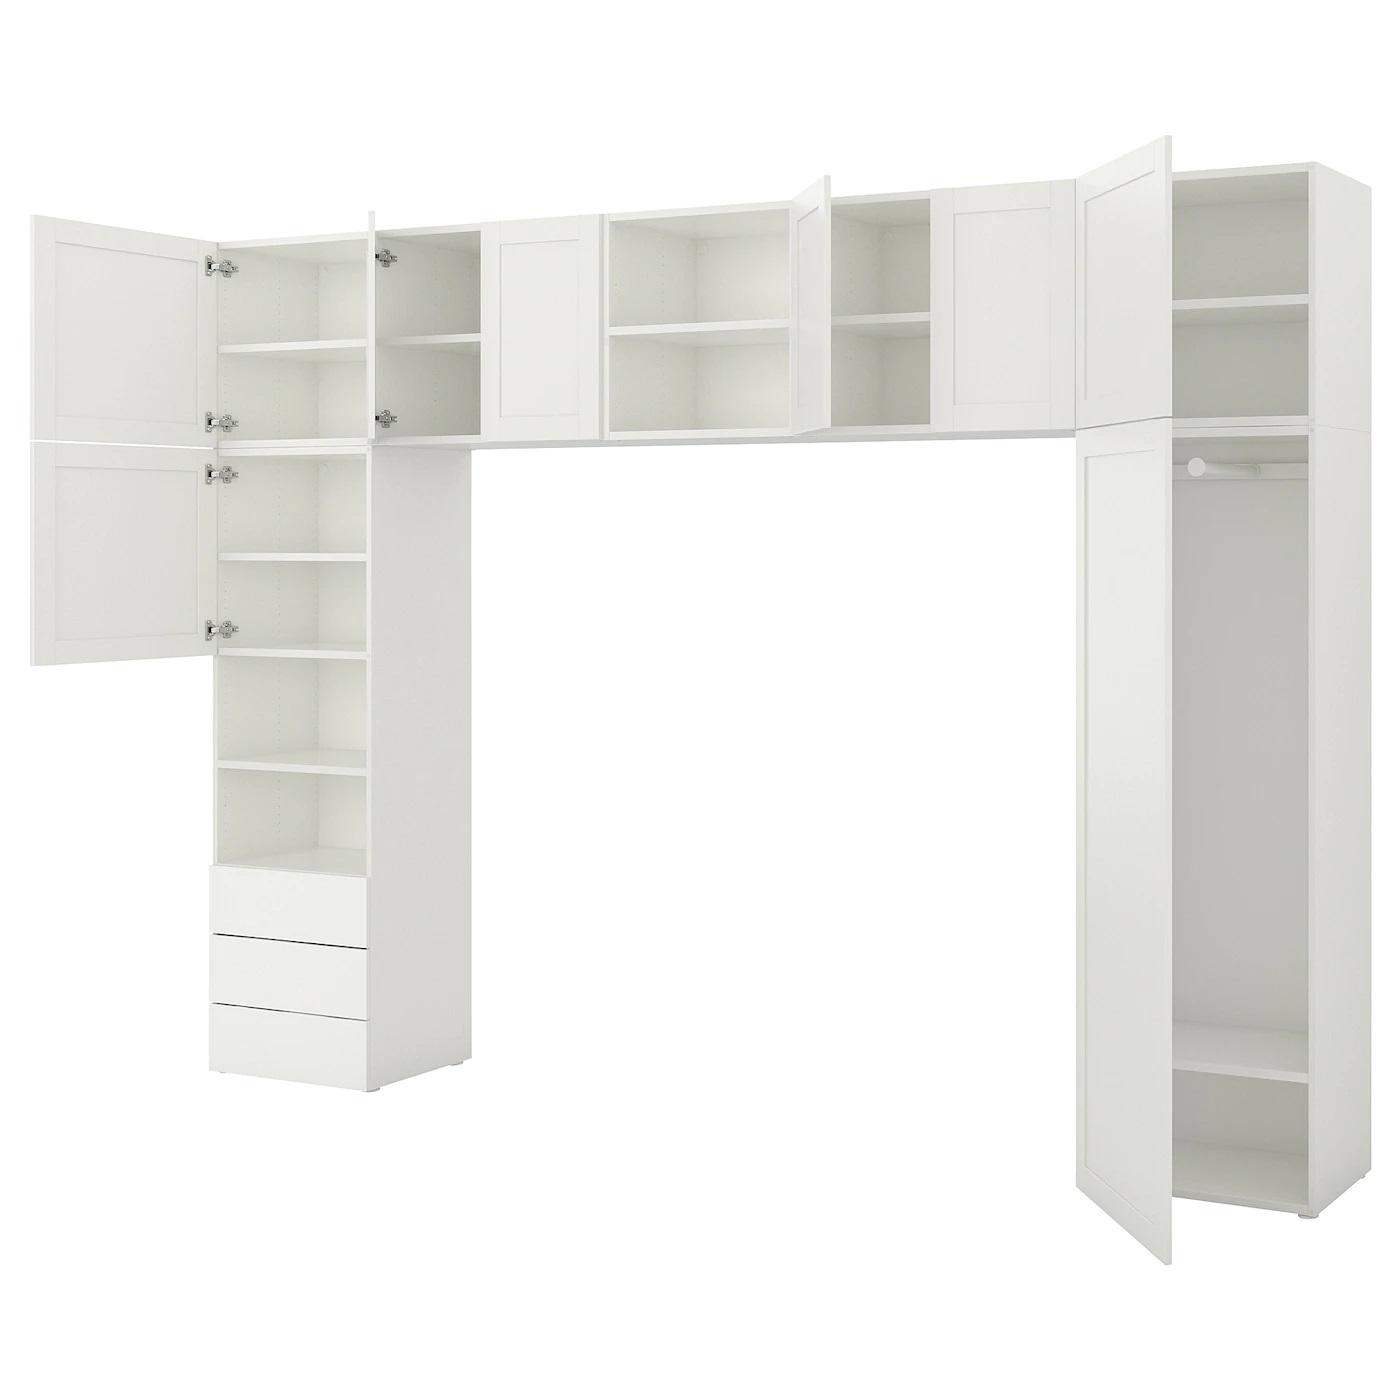 Platsa armario blanco